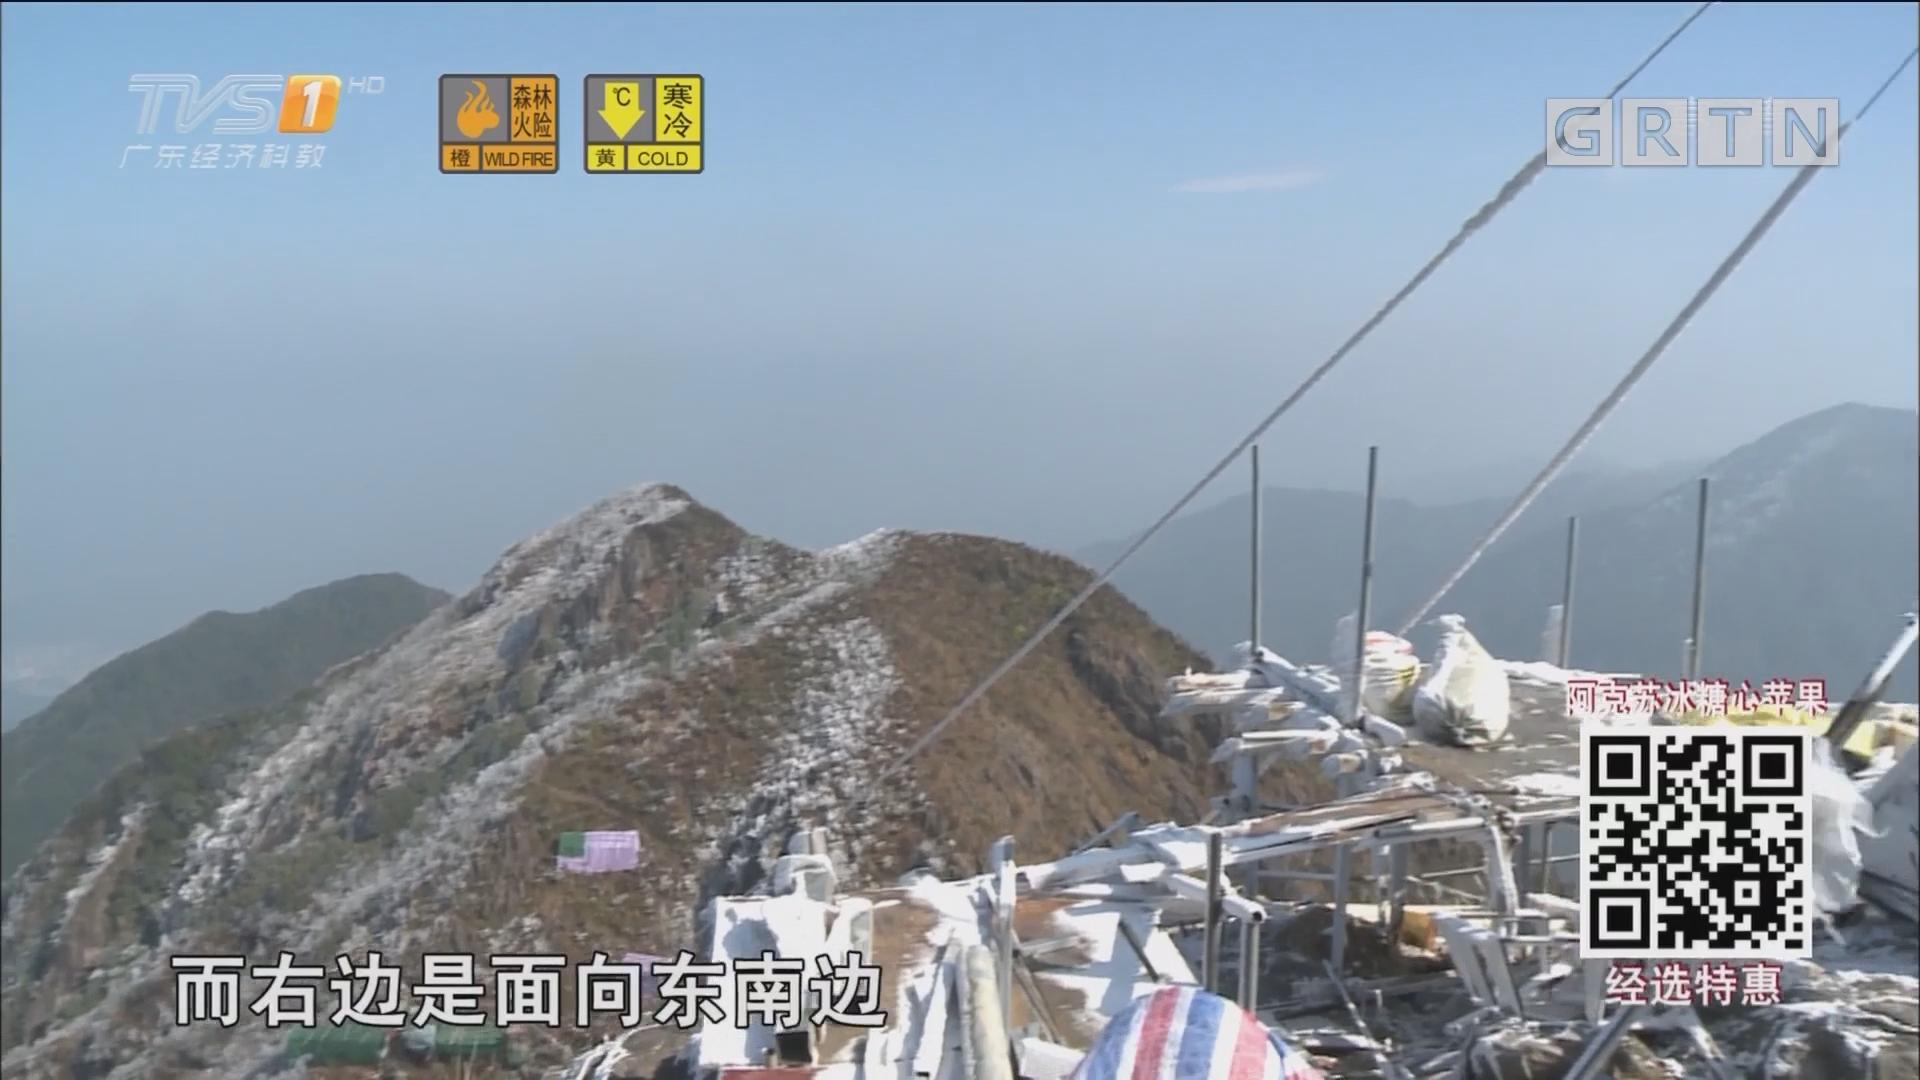 新闻现场:广东今冬第一场雪 美爆了